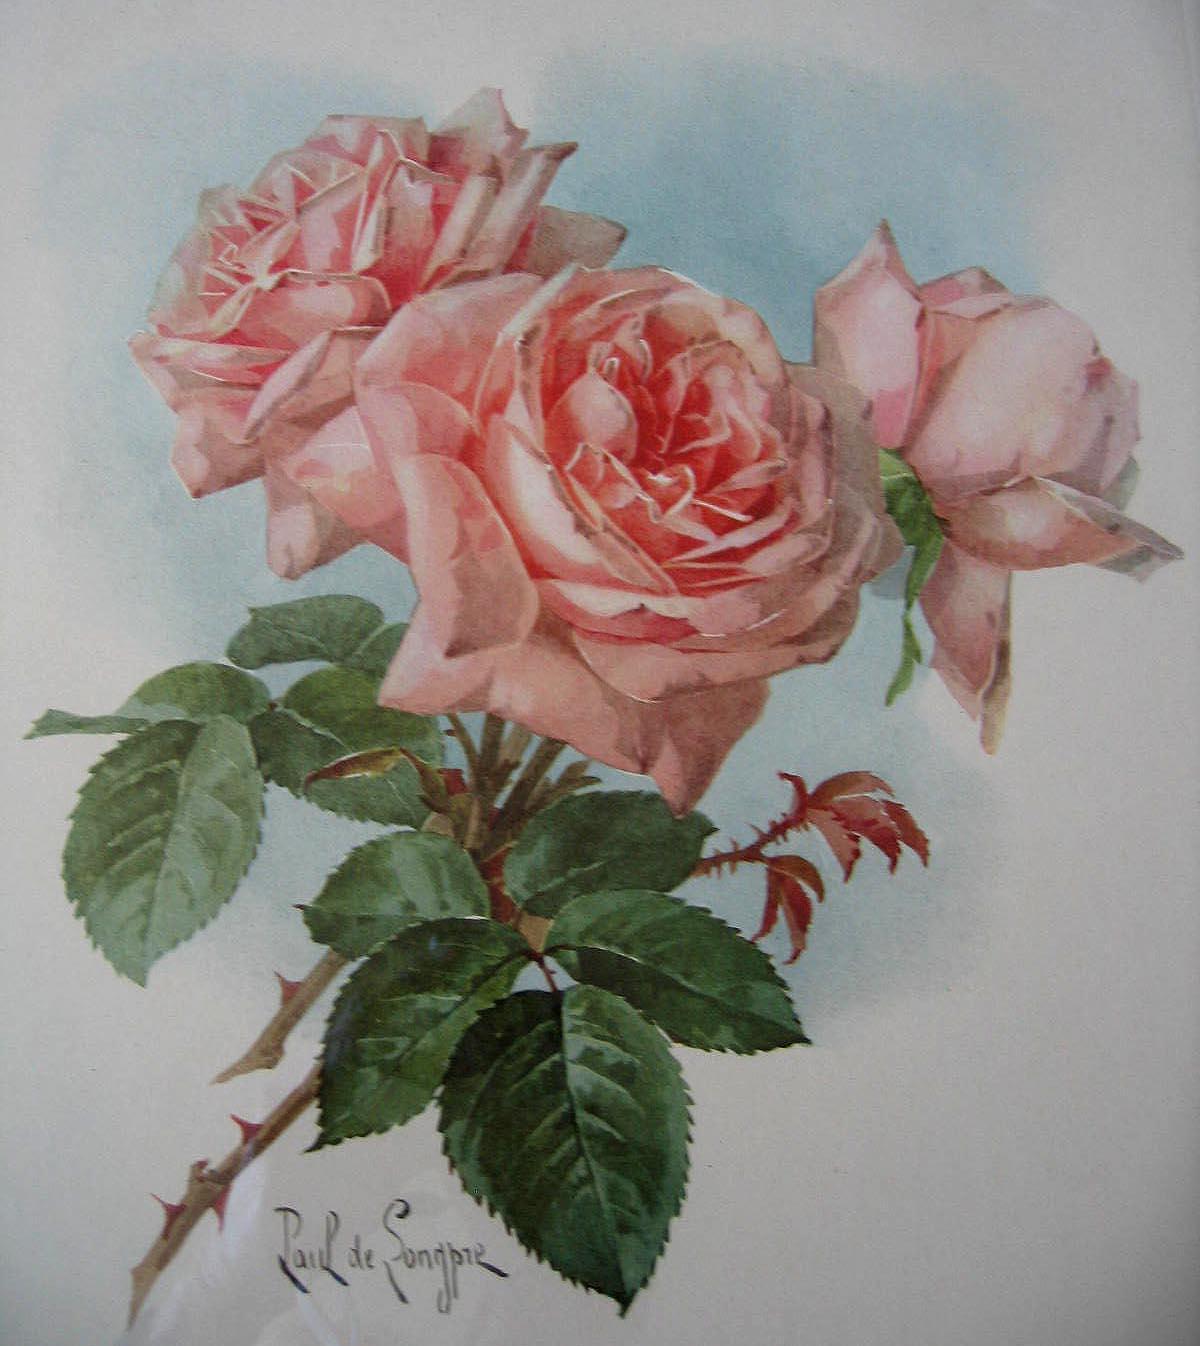 Paul de Longpre Pink Roses Print Fine Condition Lithograph